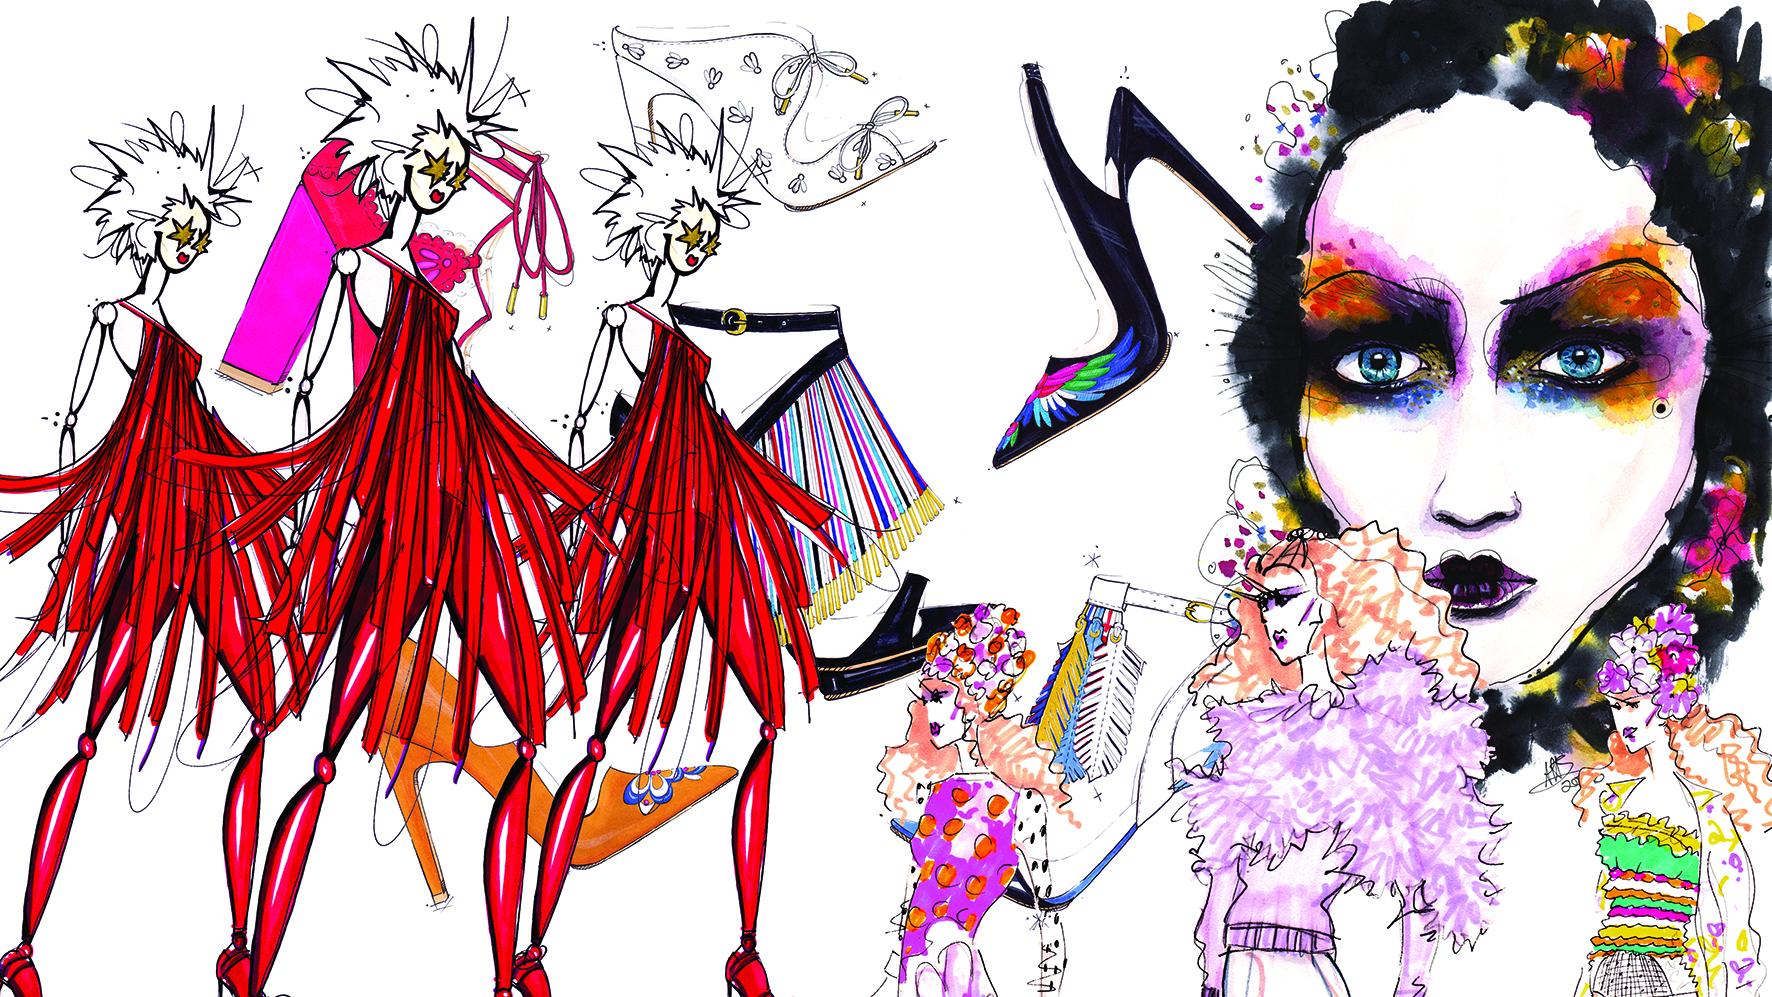 aase hopstock illustration